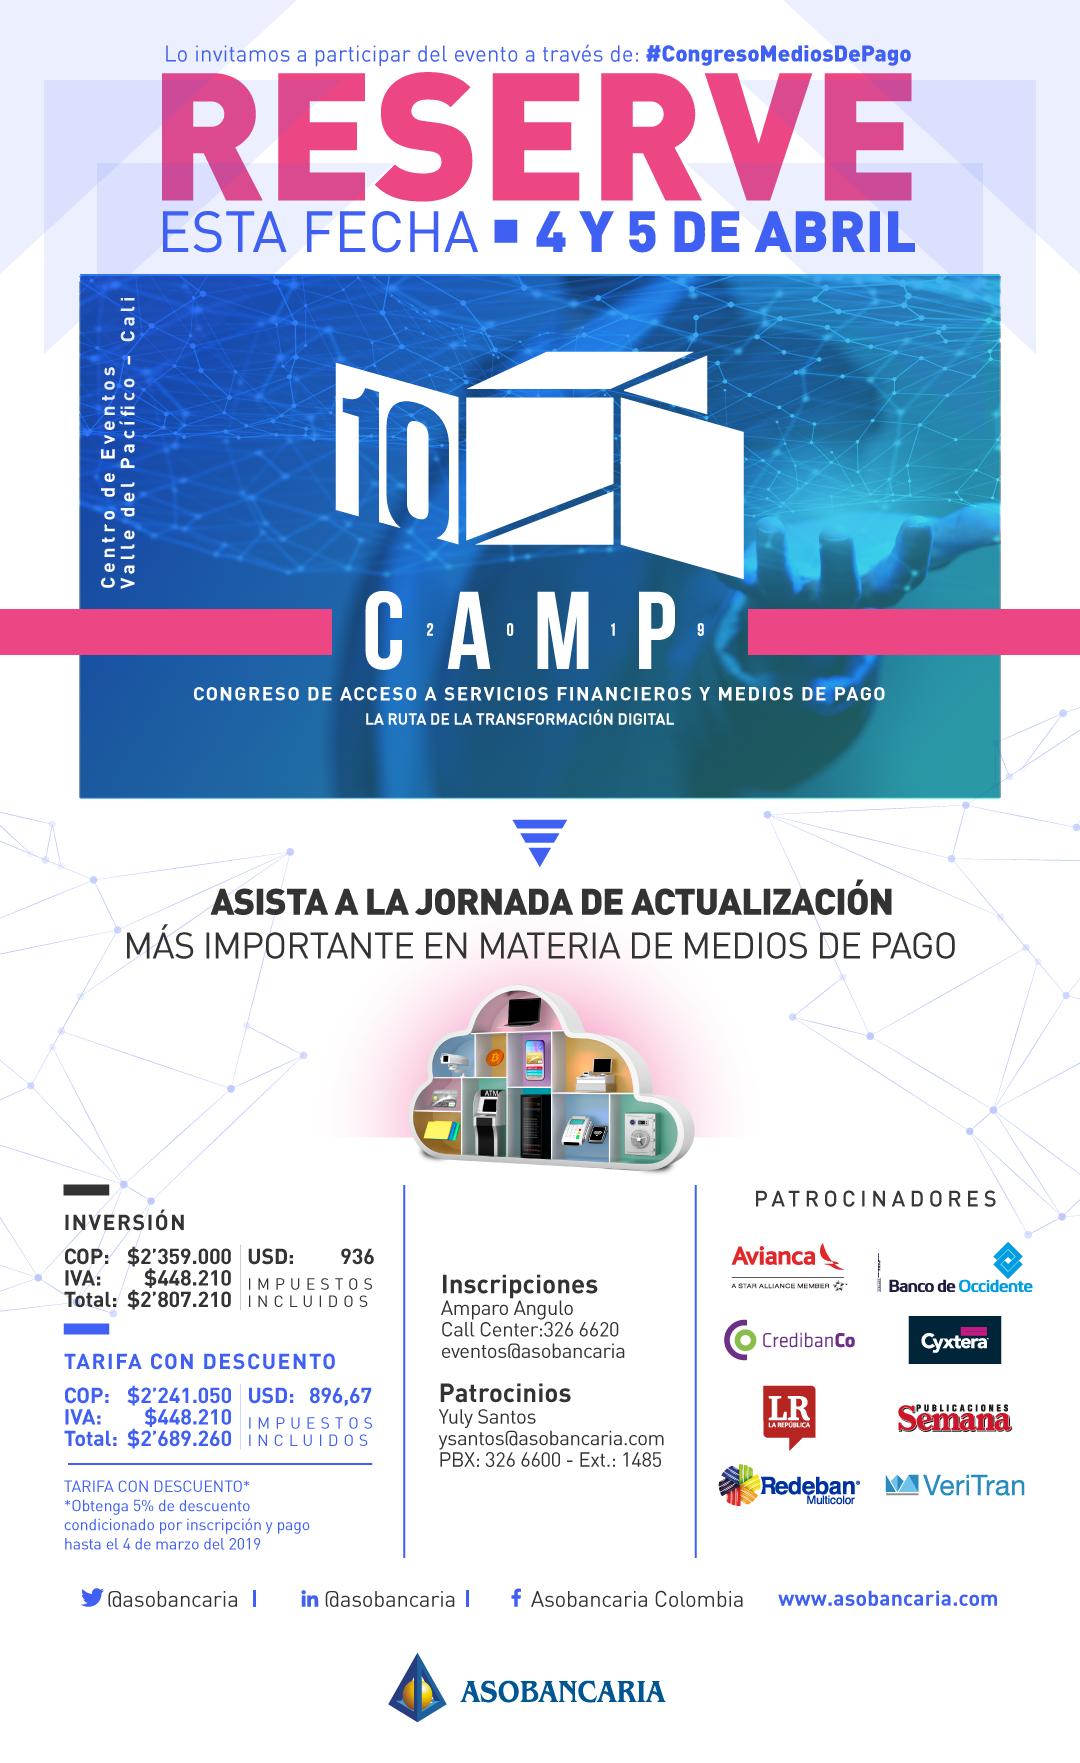 Calendario Financiero 2019.10º Congreso De Acceso A Servicios Financieros Y Medios De Pago